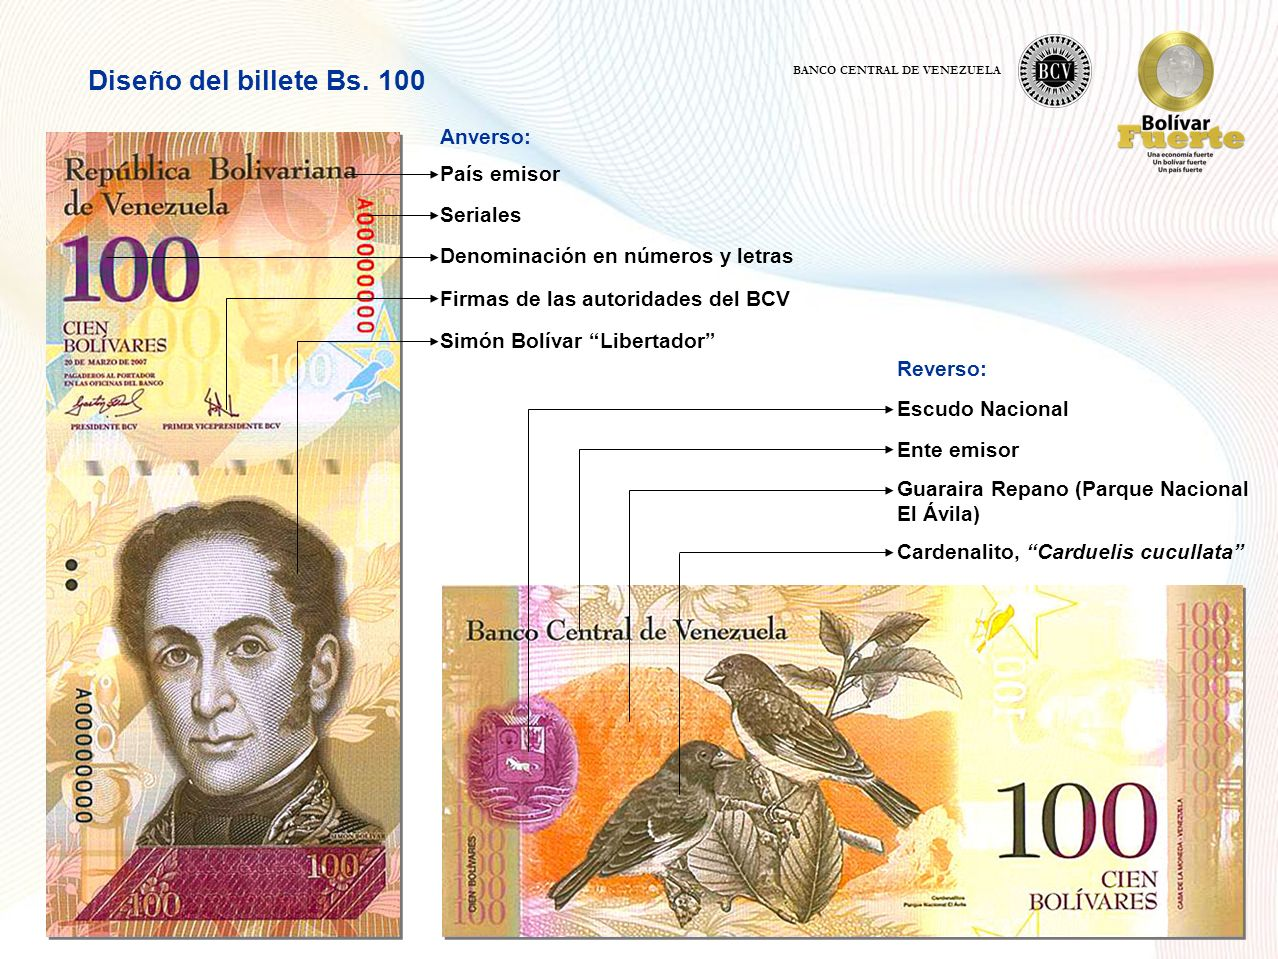 Diseño del billete Bs. 100 Anverso: País emisor Seriales